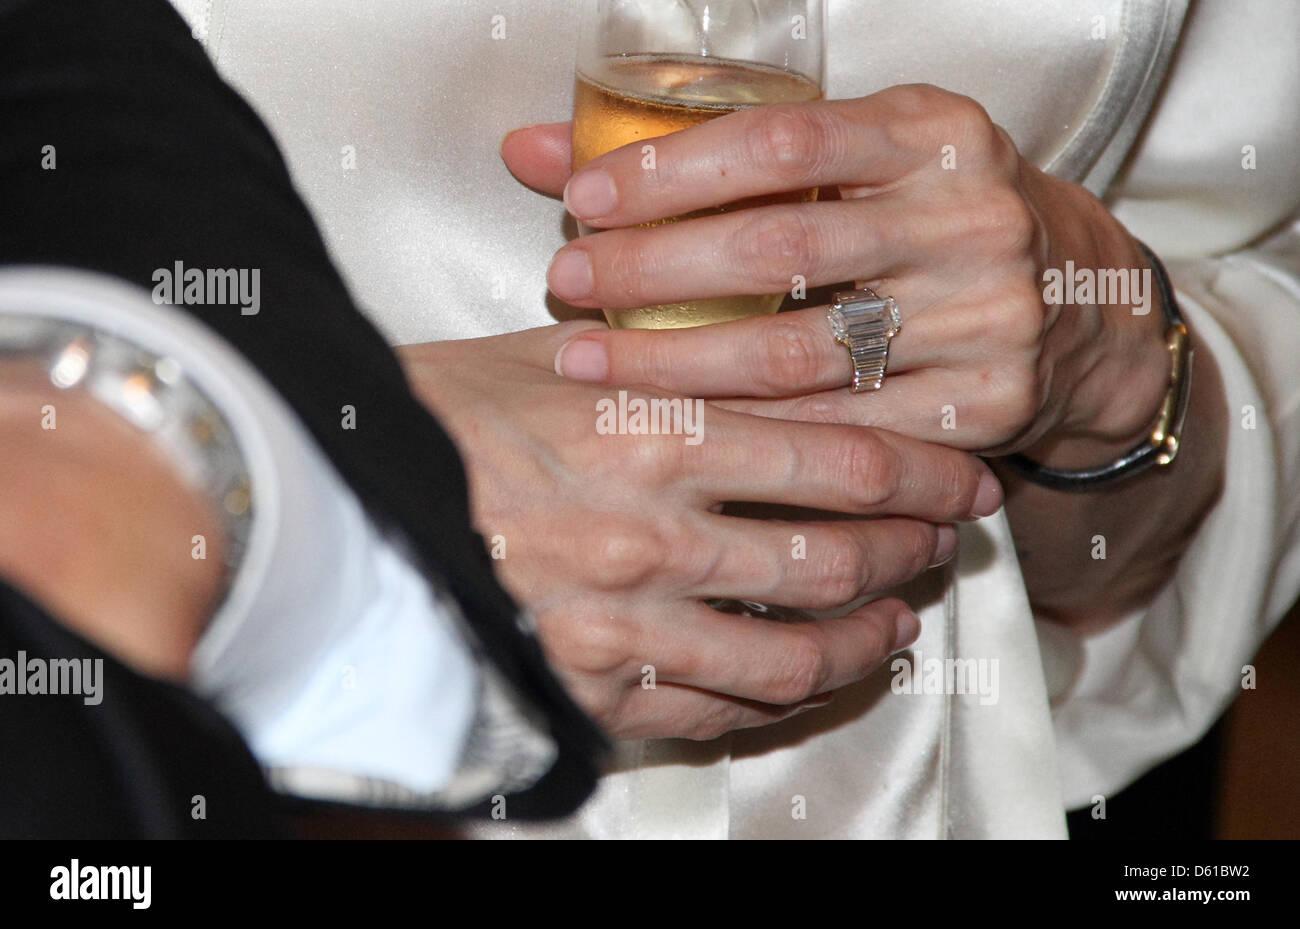 Handout Eine Undatiertes Handout Bild Zeigt Den Verlobungsring Auf